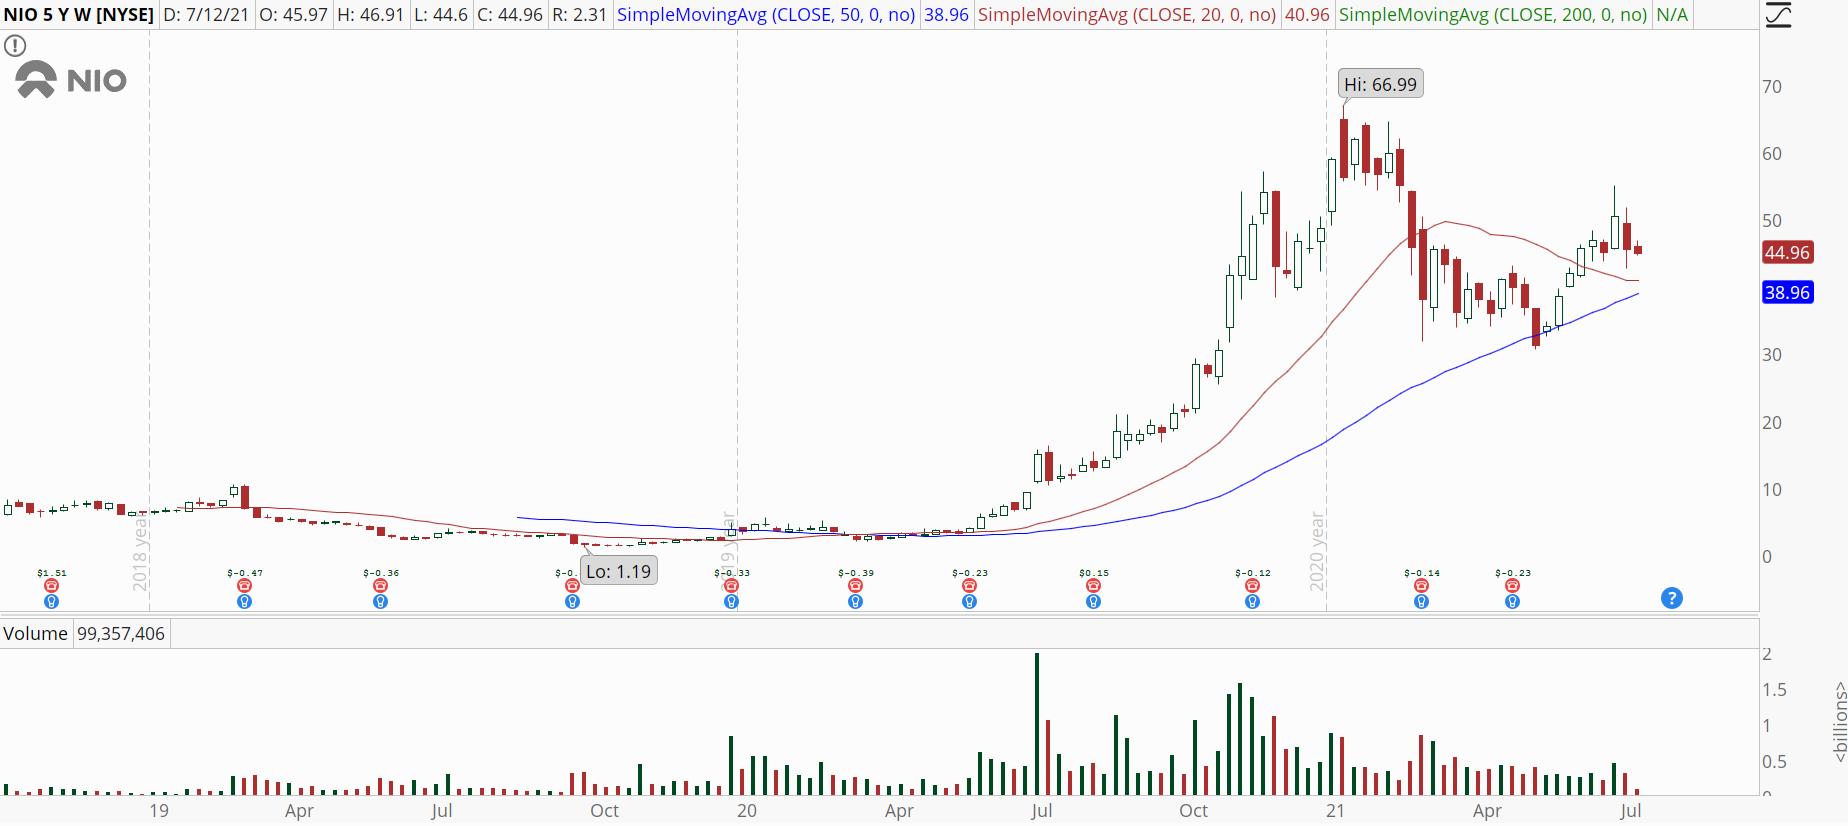 Nio (NIO) stock weekly chart with bullish trend reversal